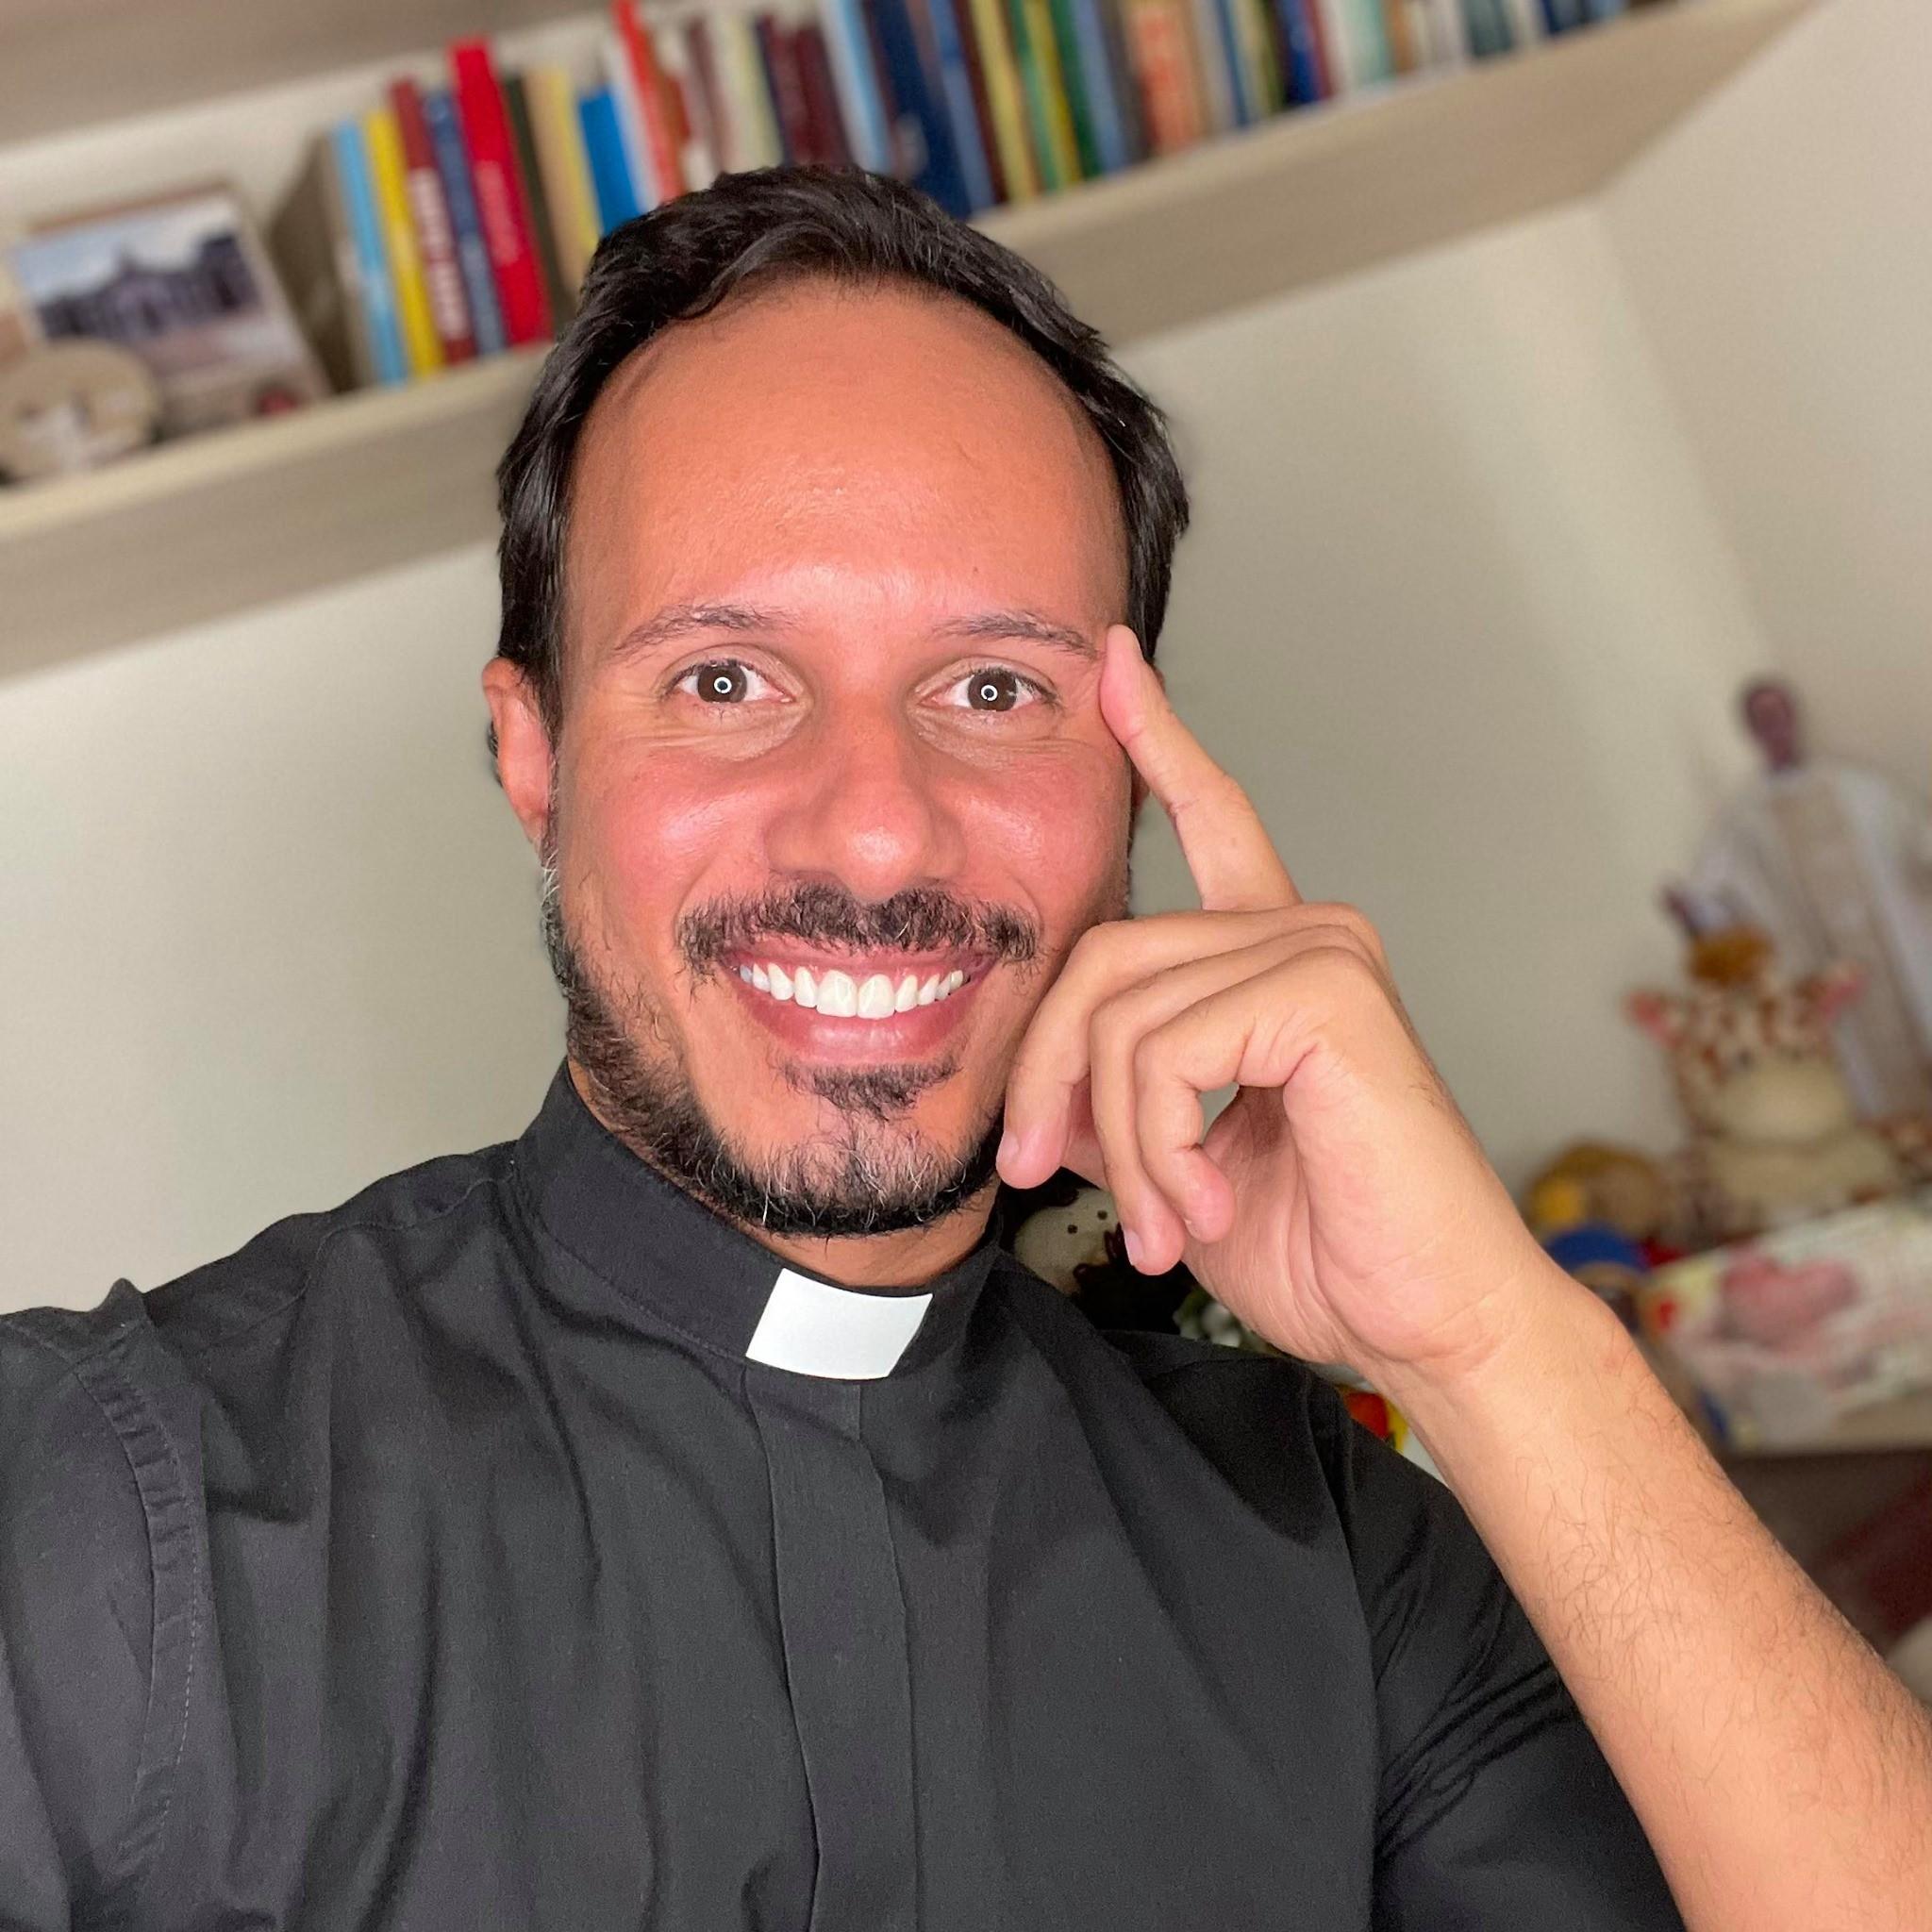 Padre de Ribeirão Preto viraliza nas redes sociais com dancinhas, humor e respostas 'sinceronas'